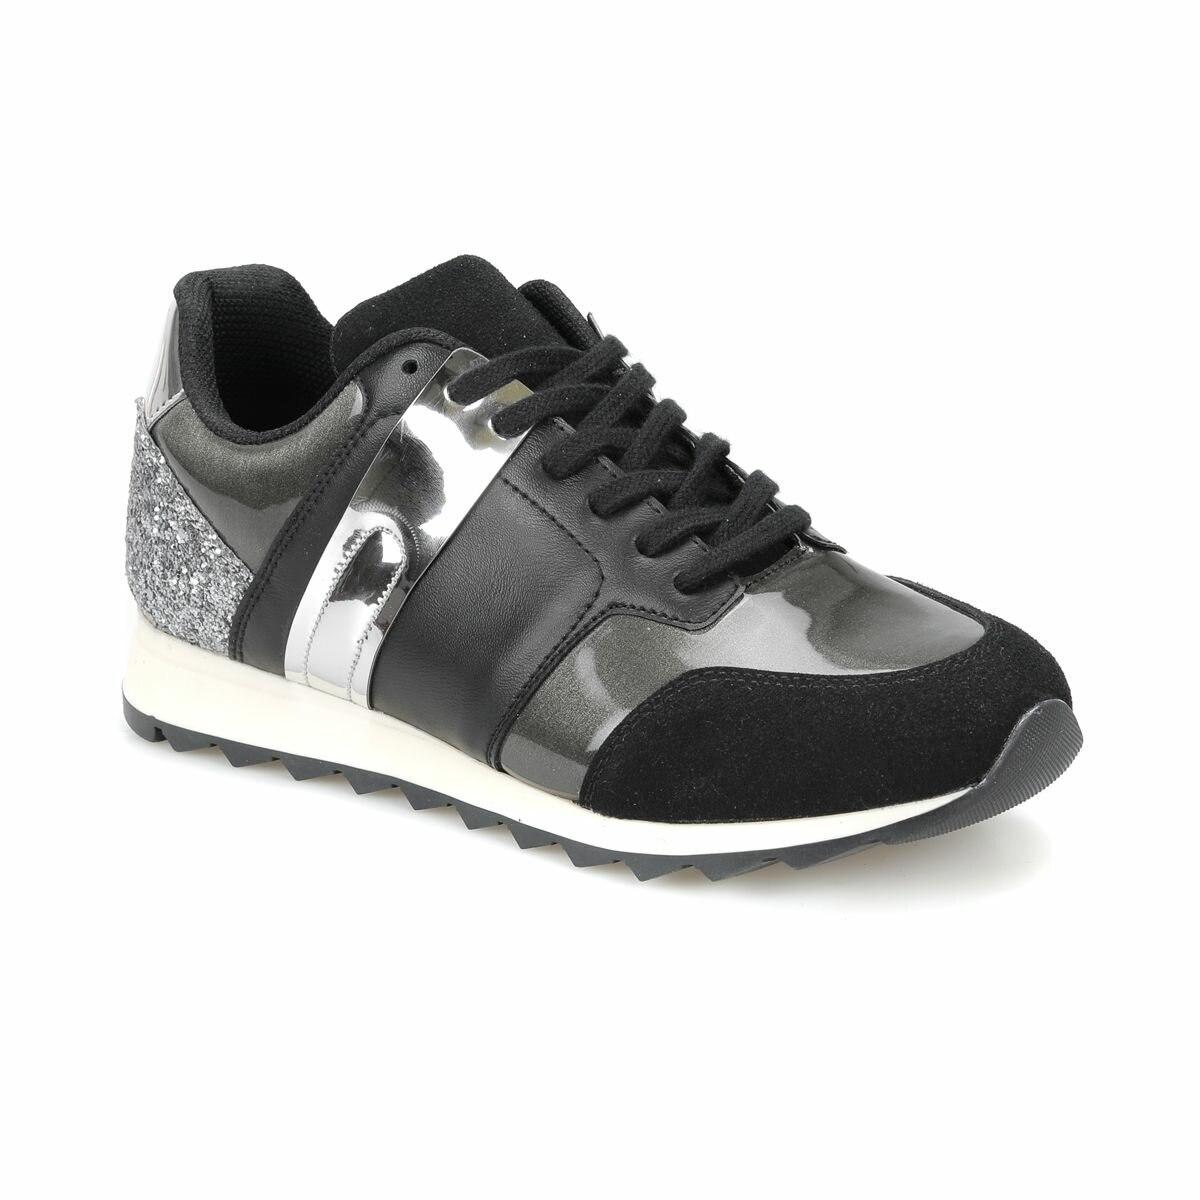 FLO CW18046 Gray Women 'S Sports Shoes Art Bella